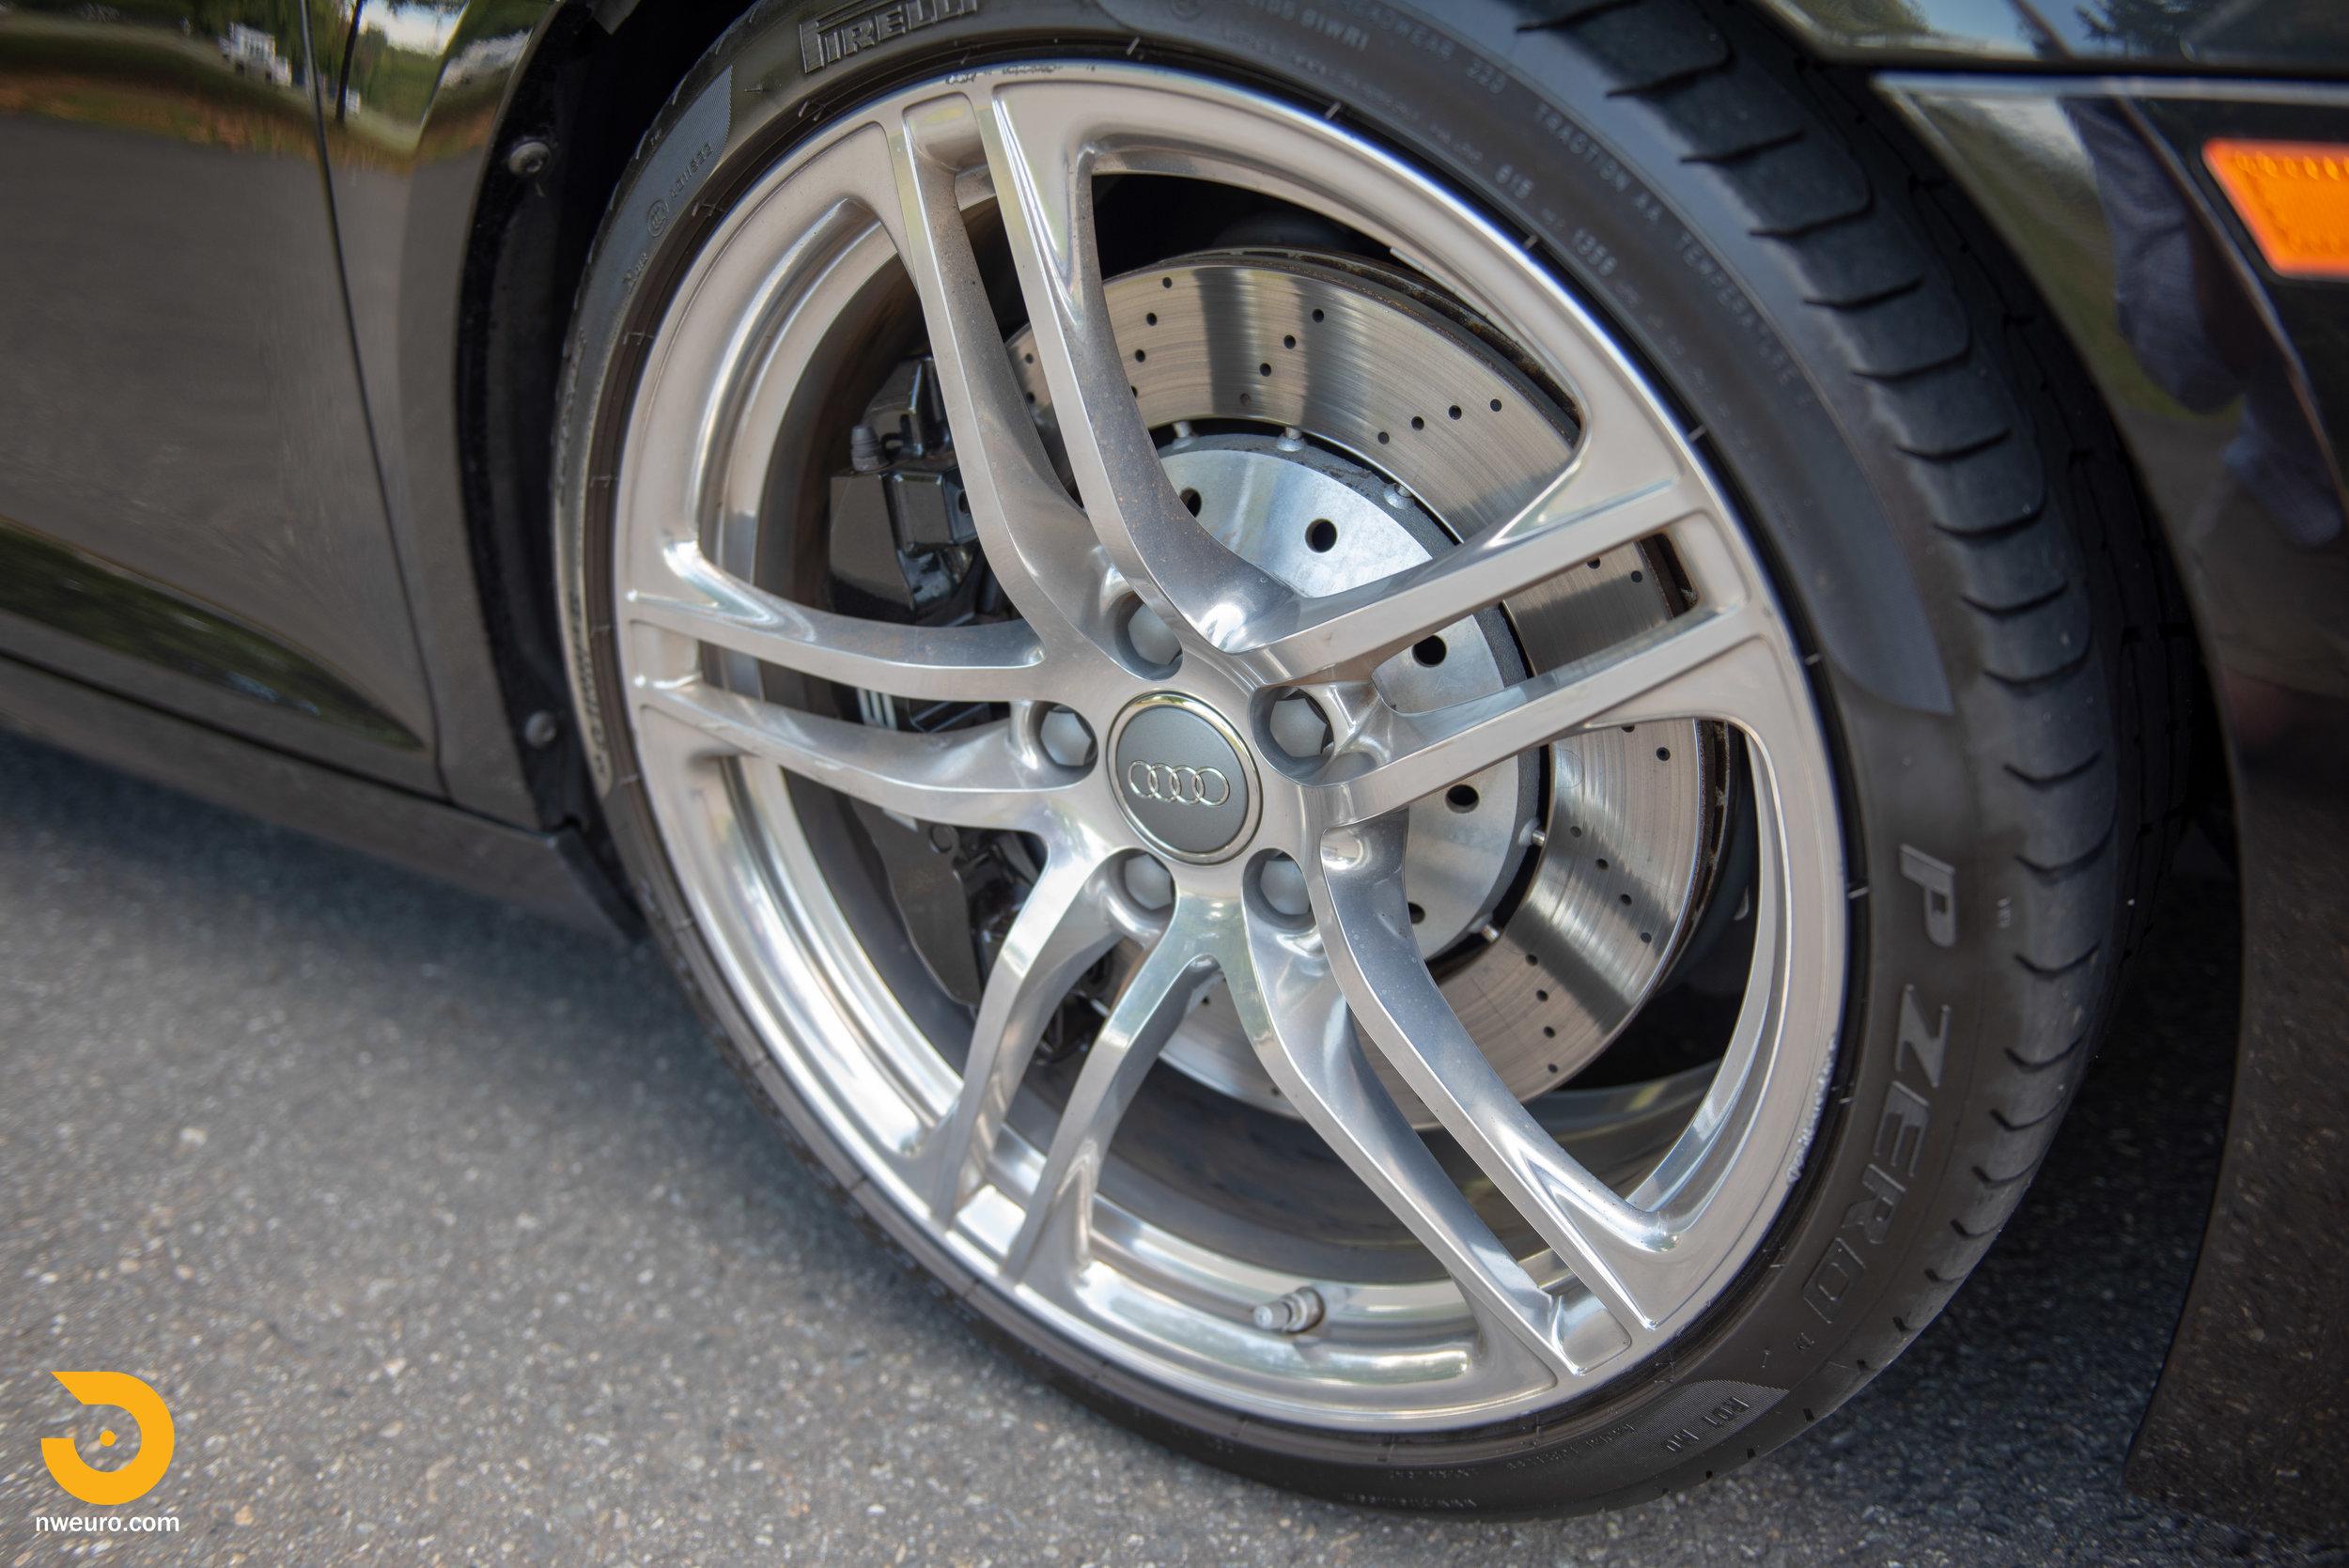 2010 Audi R8 V10-14.jpg